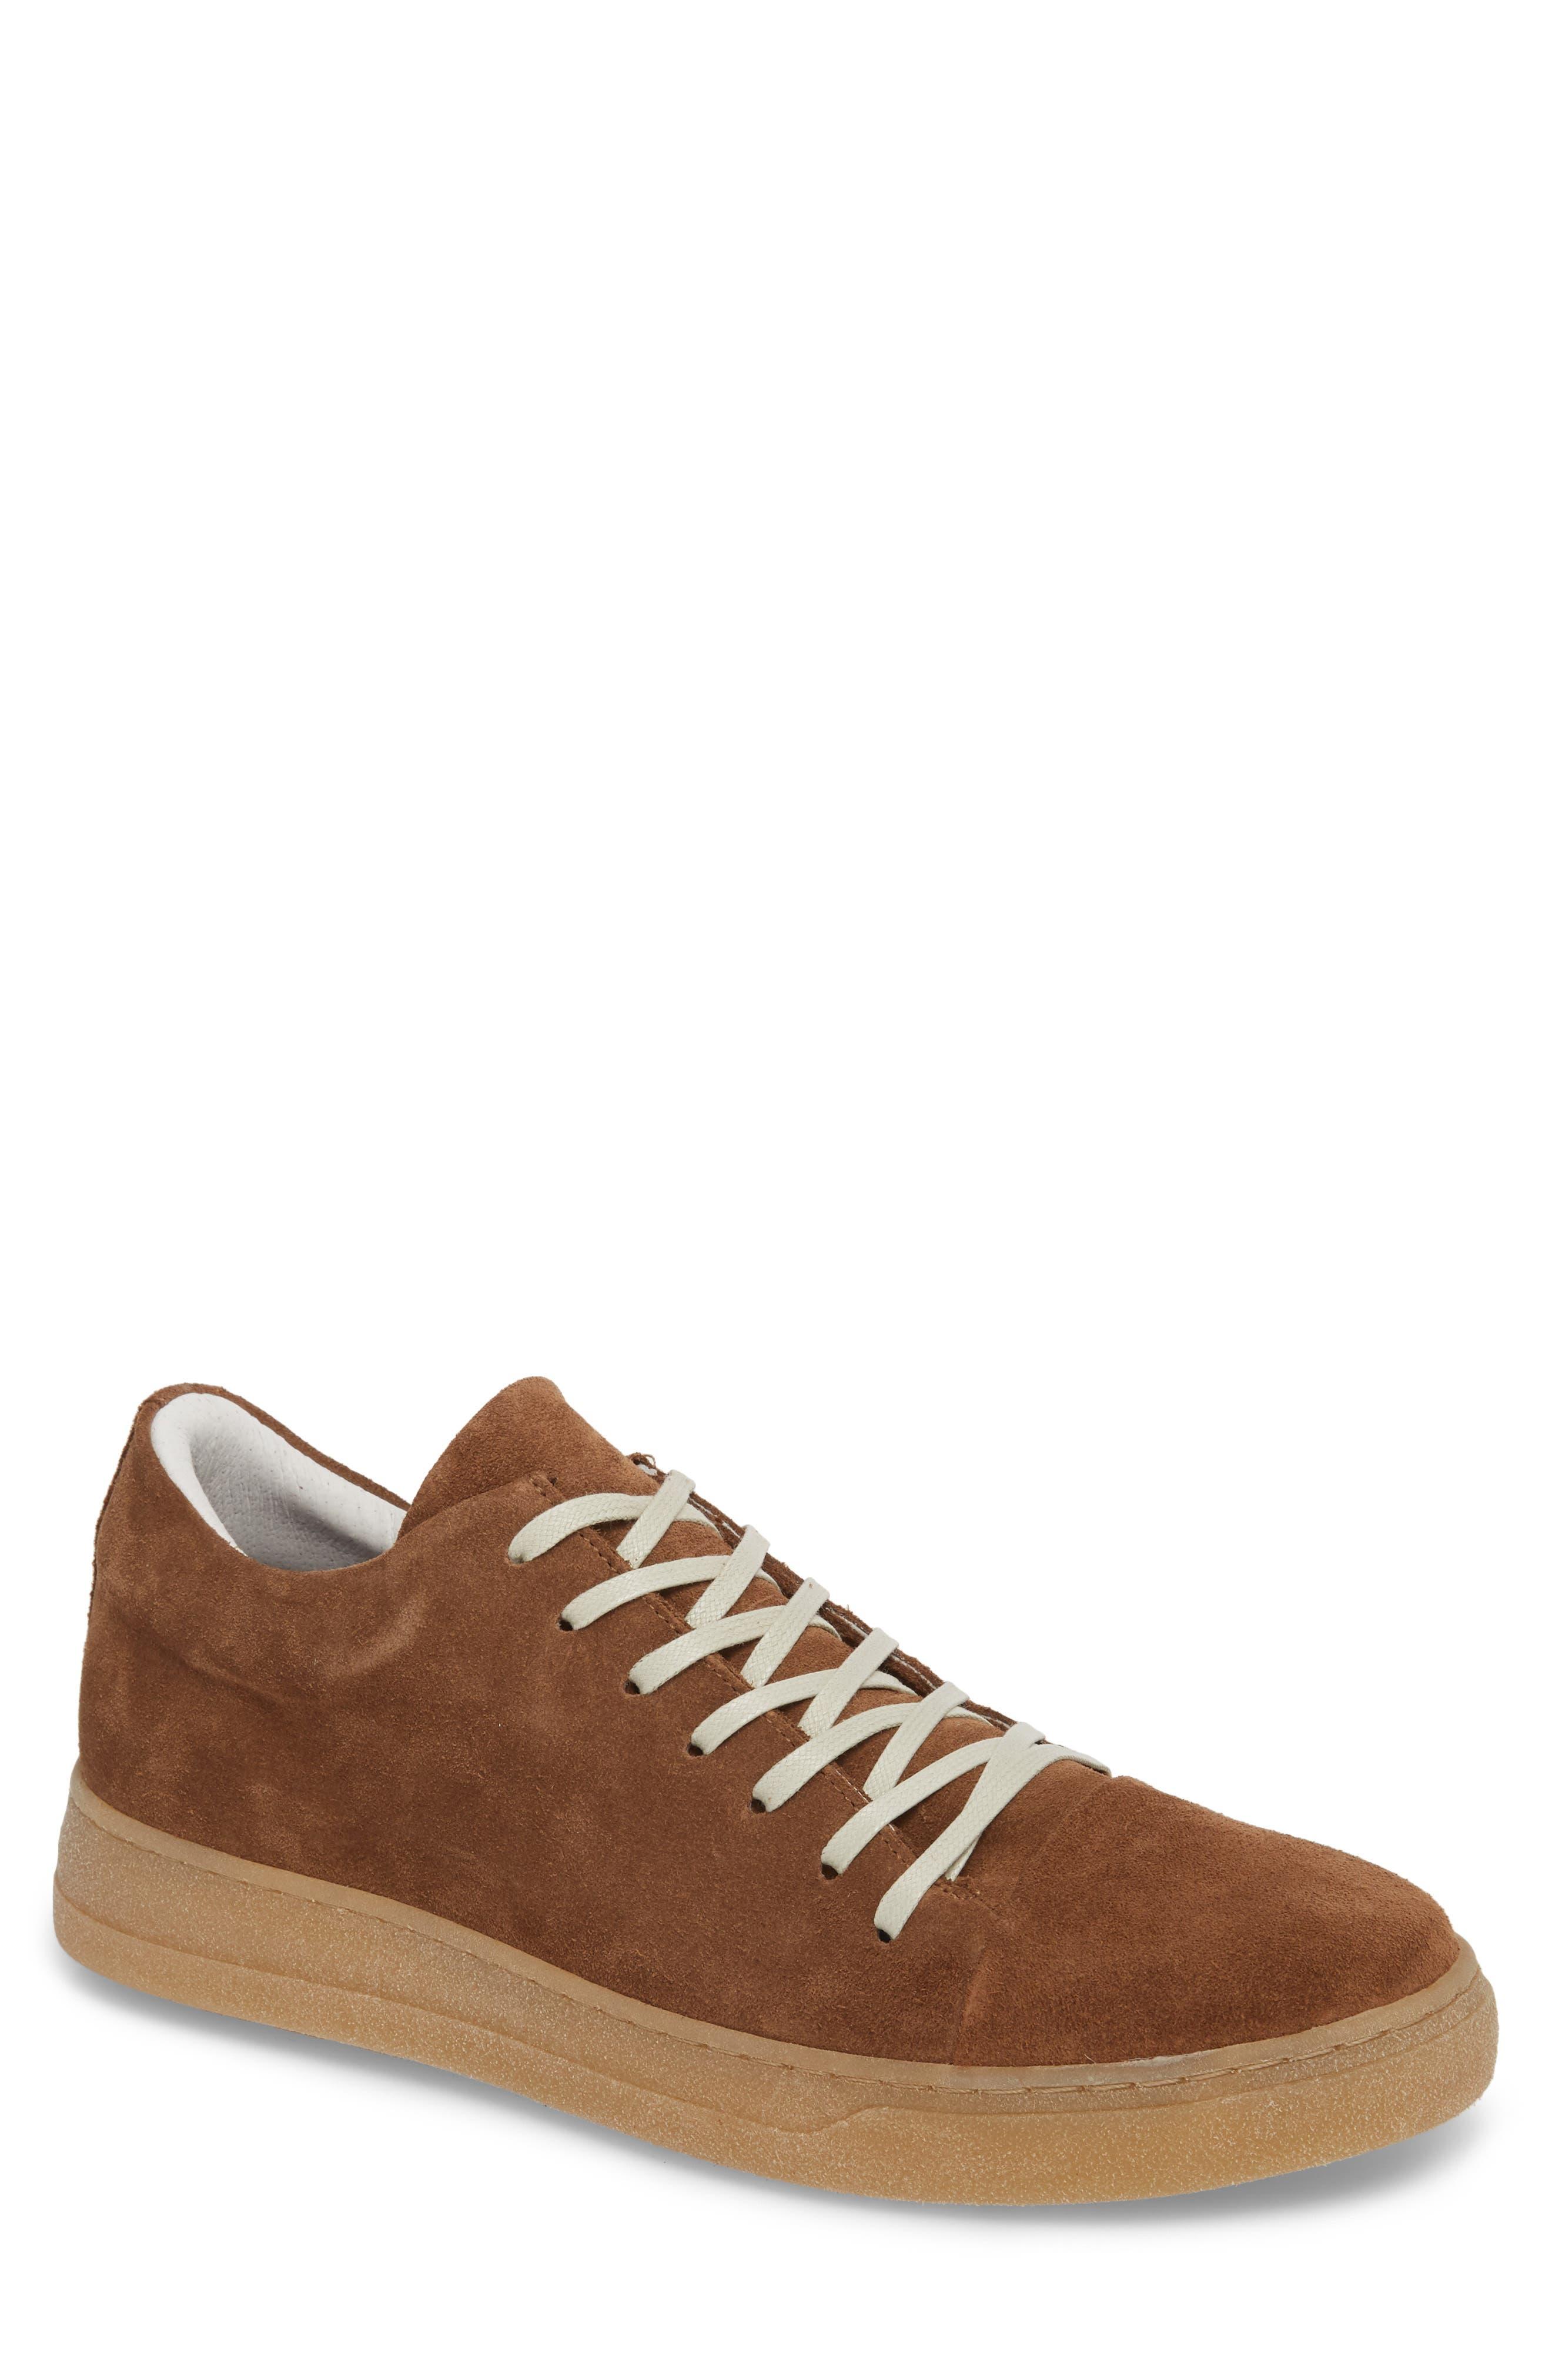 PAJAR Rex Water Resistant Sneaker, Main, color, 249